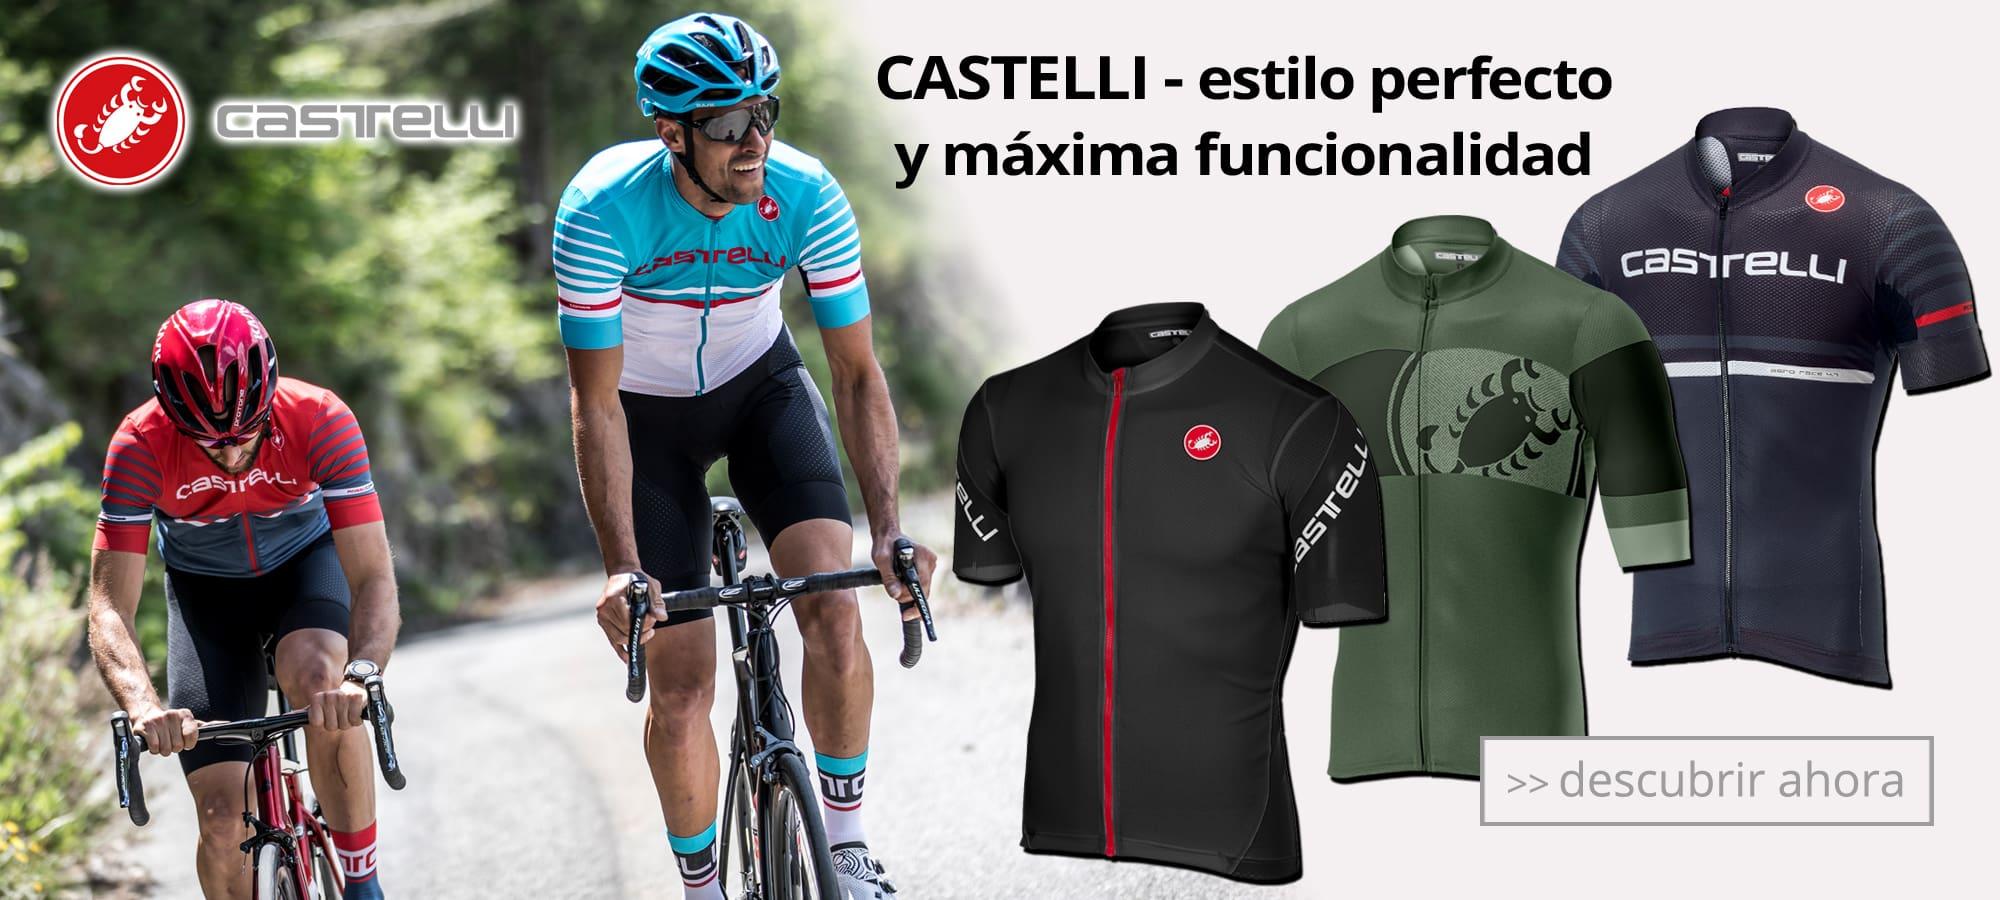 Castelli 2019 - Más alto rendimiento & mejores diseños